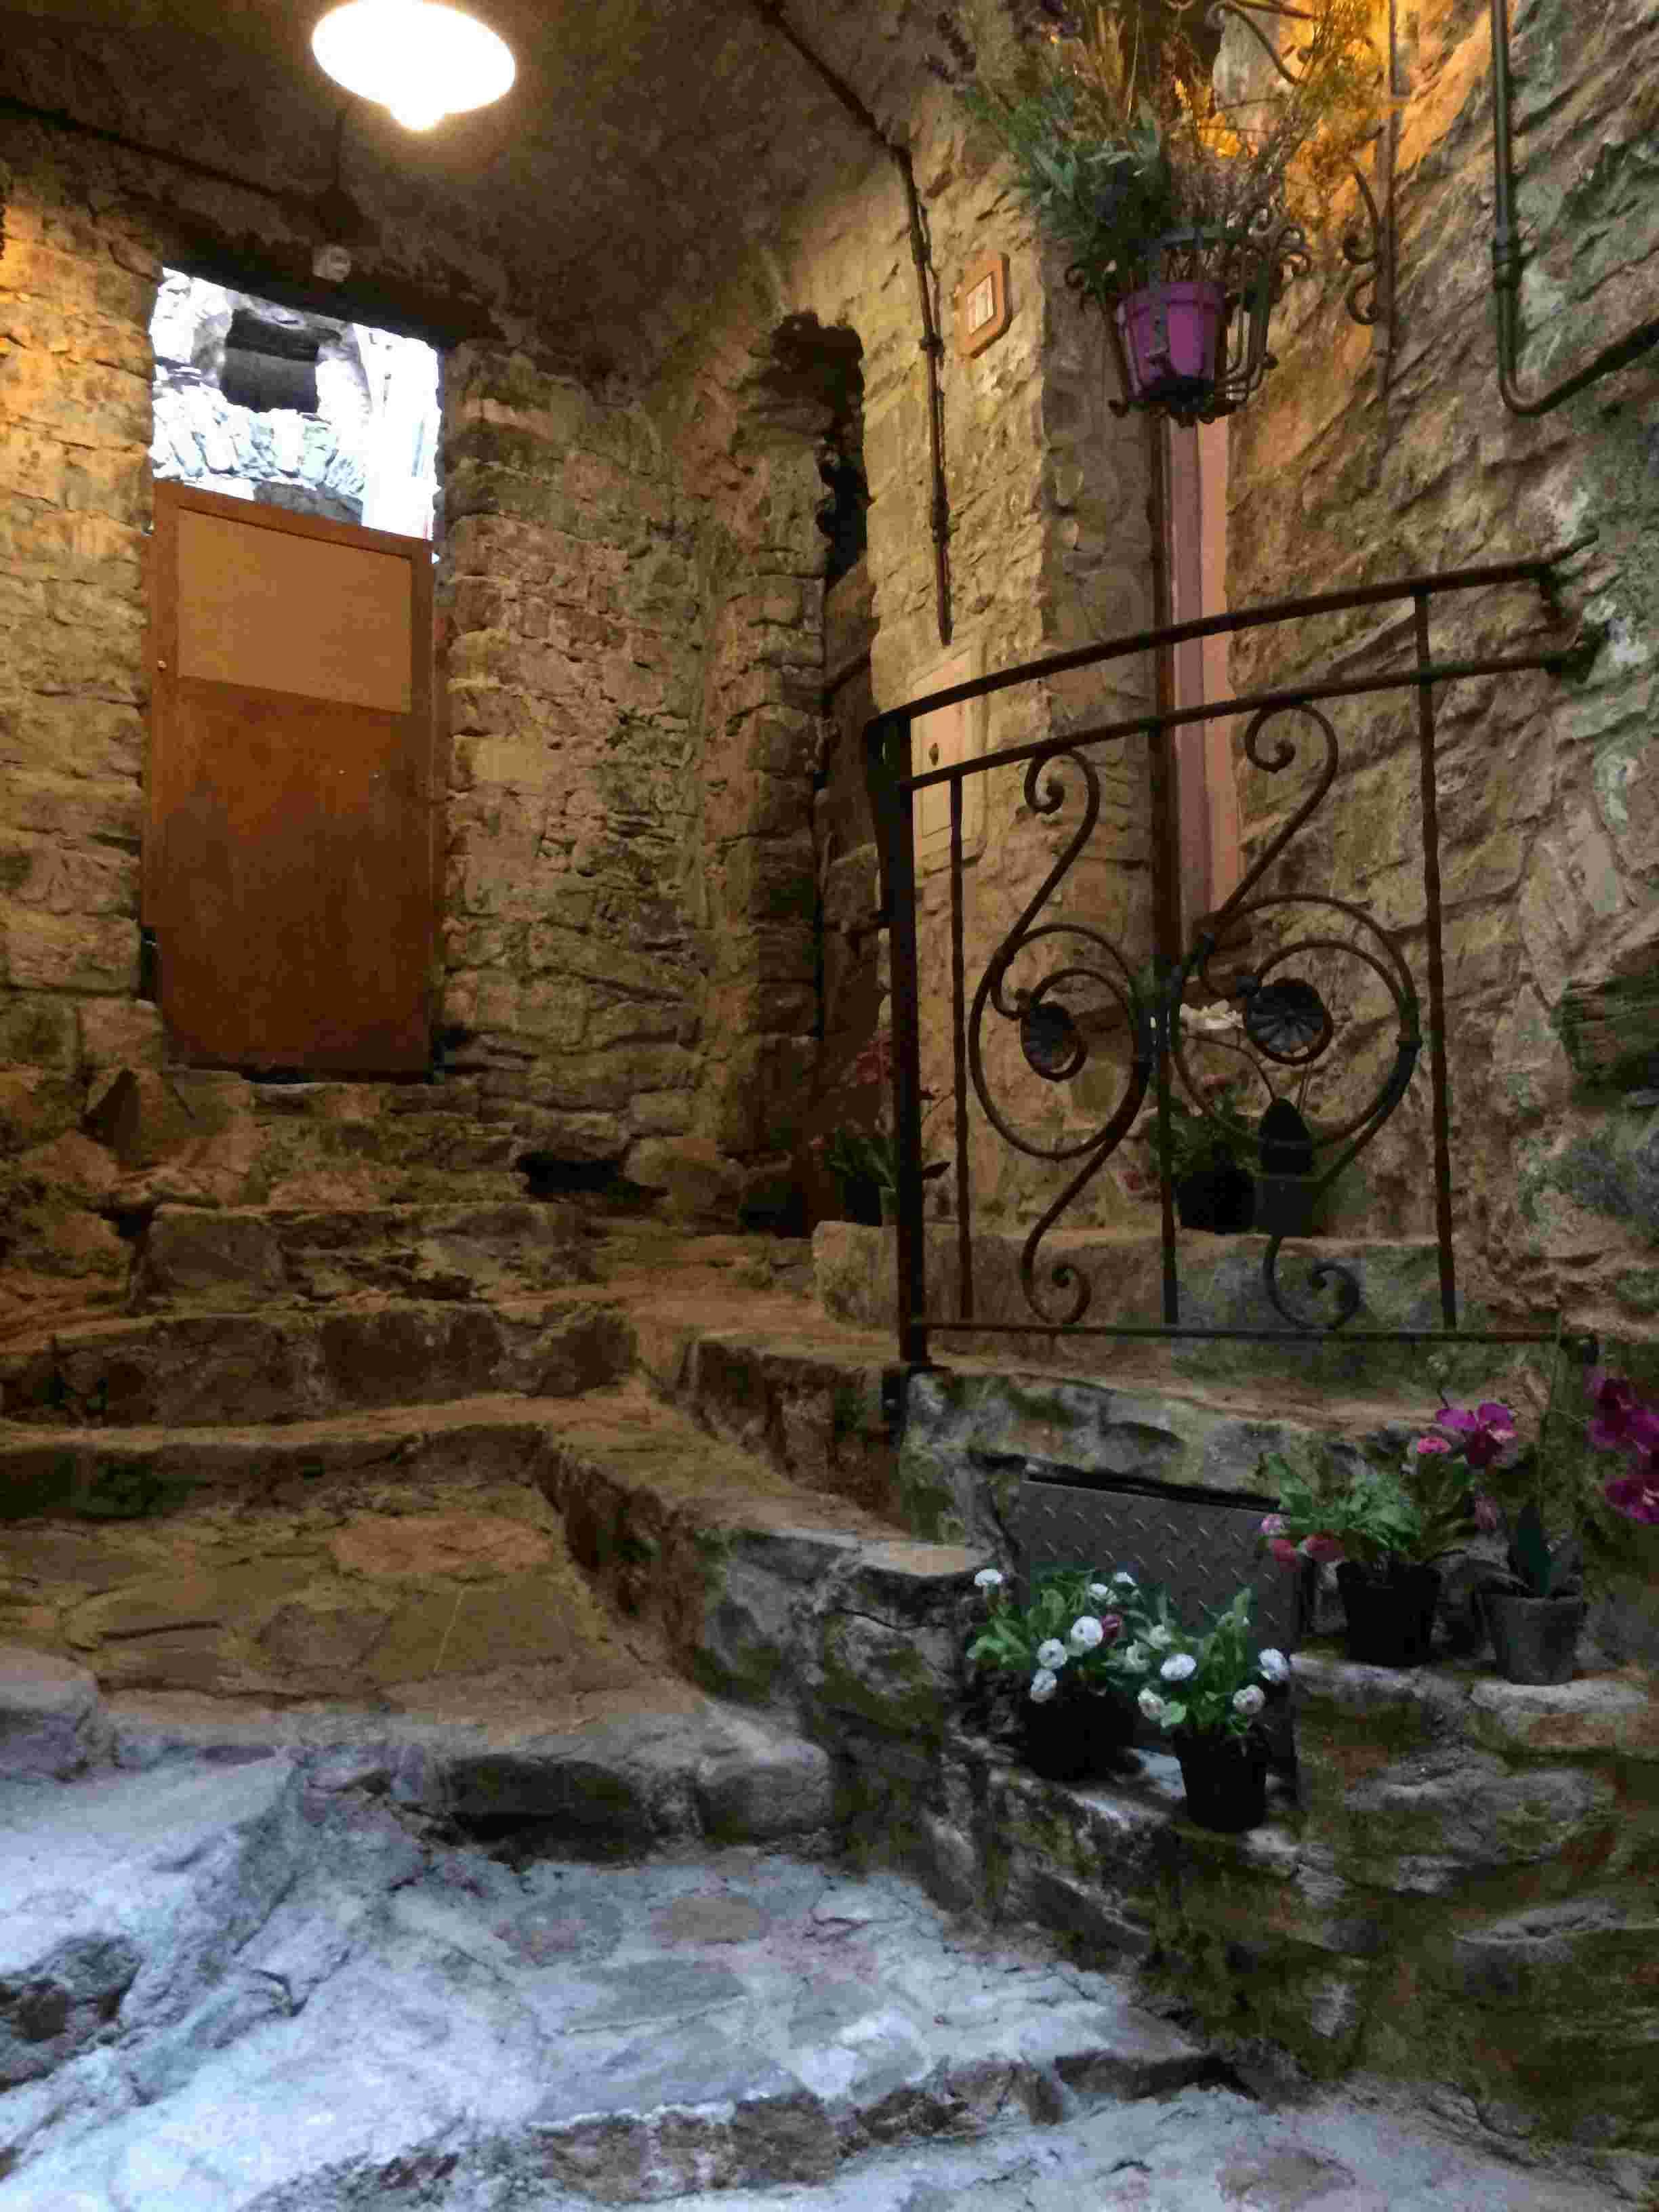 Apricale, le plus beau village d'Italie Aprica21